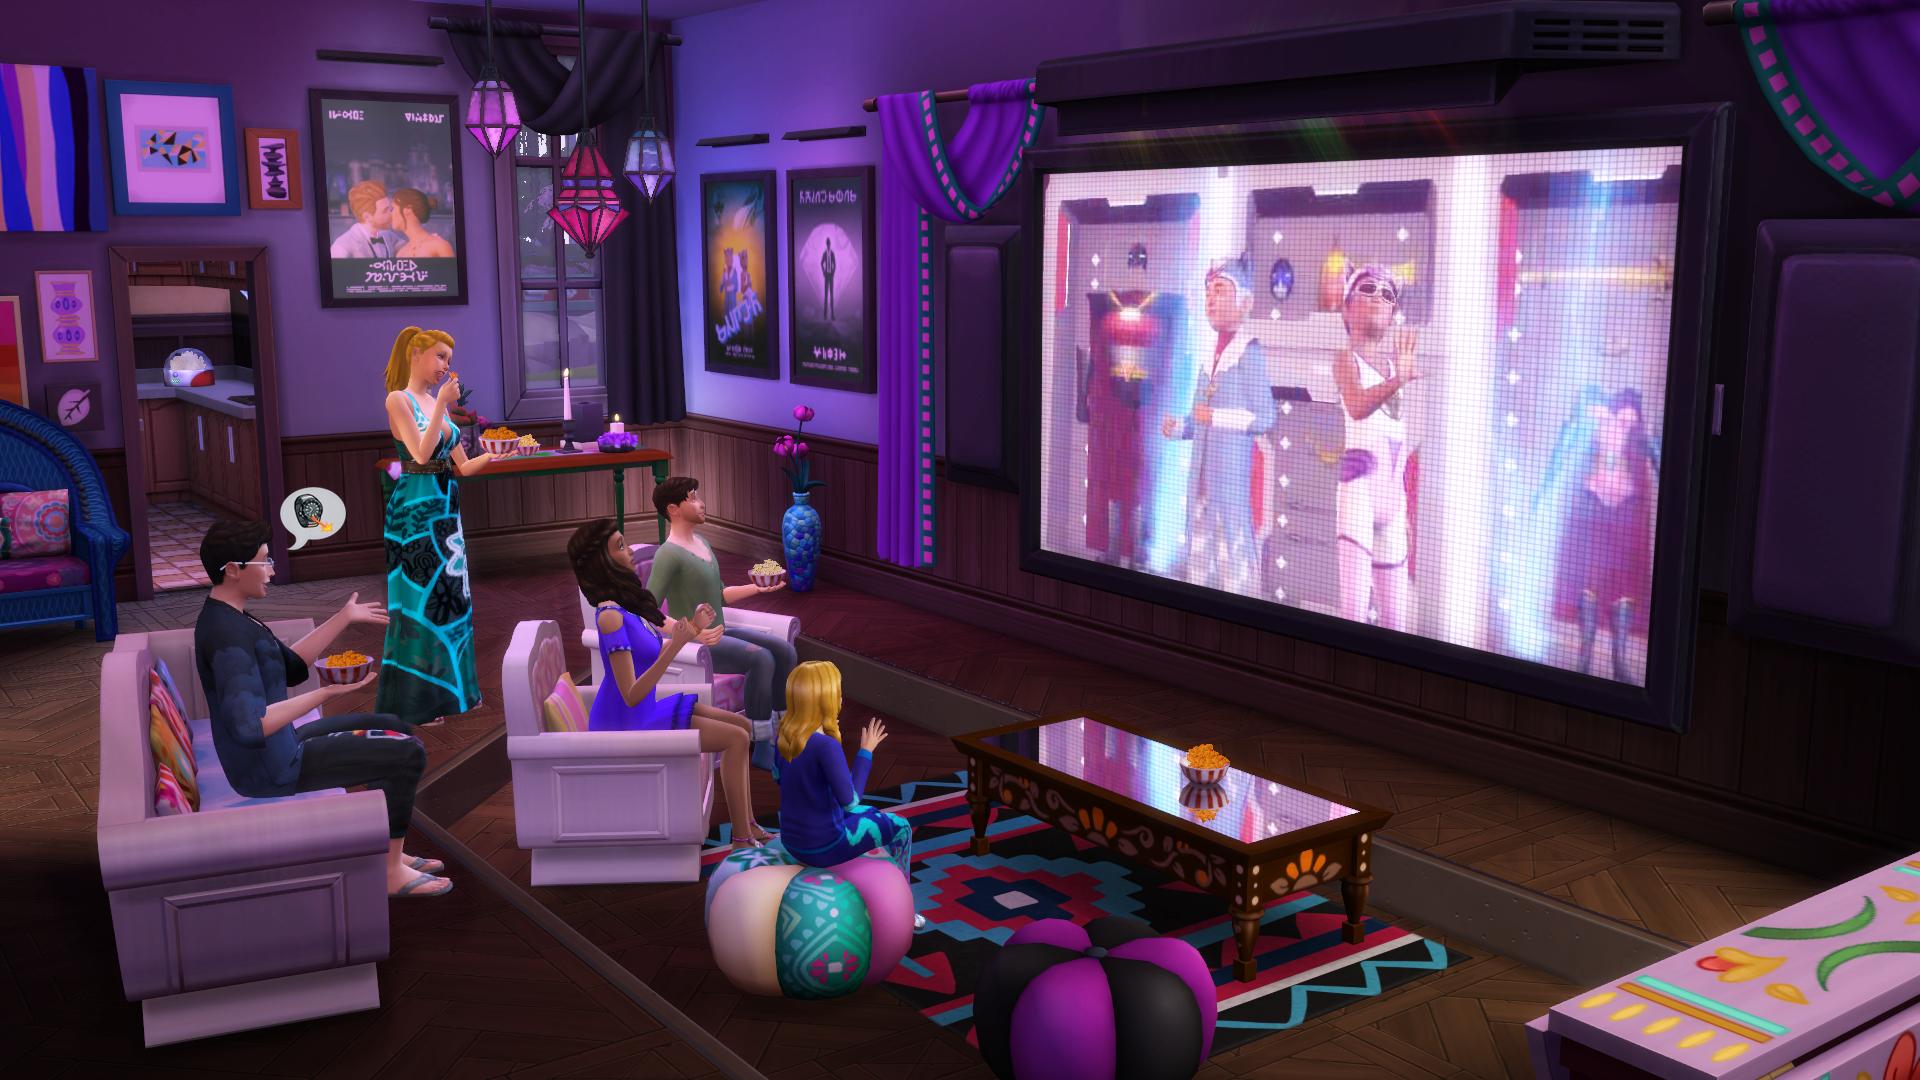 Игры симс 4 играть создать персонажа, nokia 4 sim, sims 1 играть, симс 4 жизнь в городе онлайн бесплатно